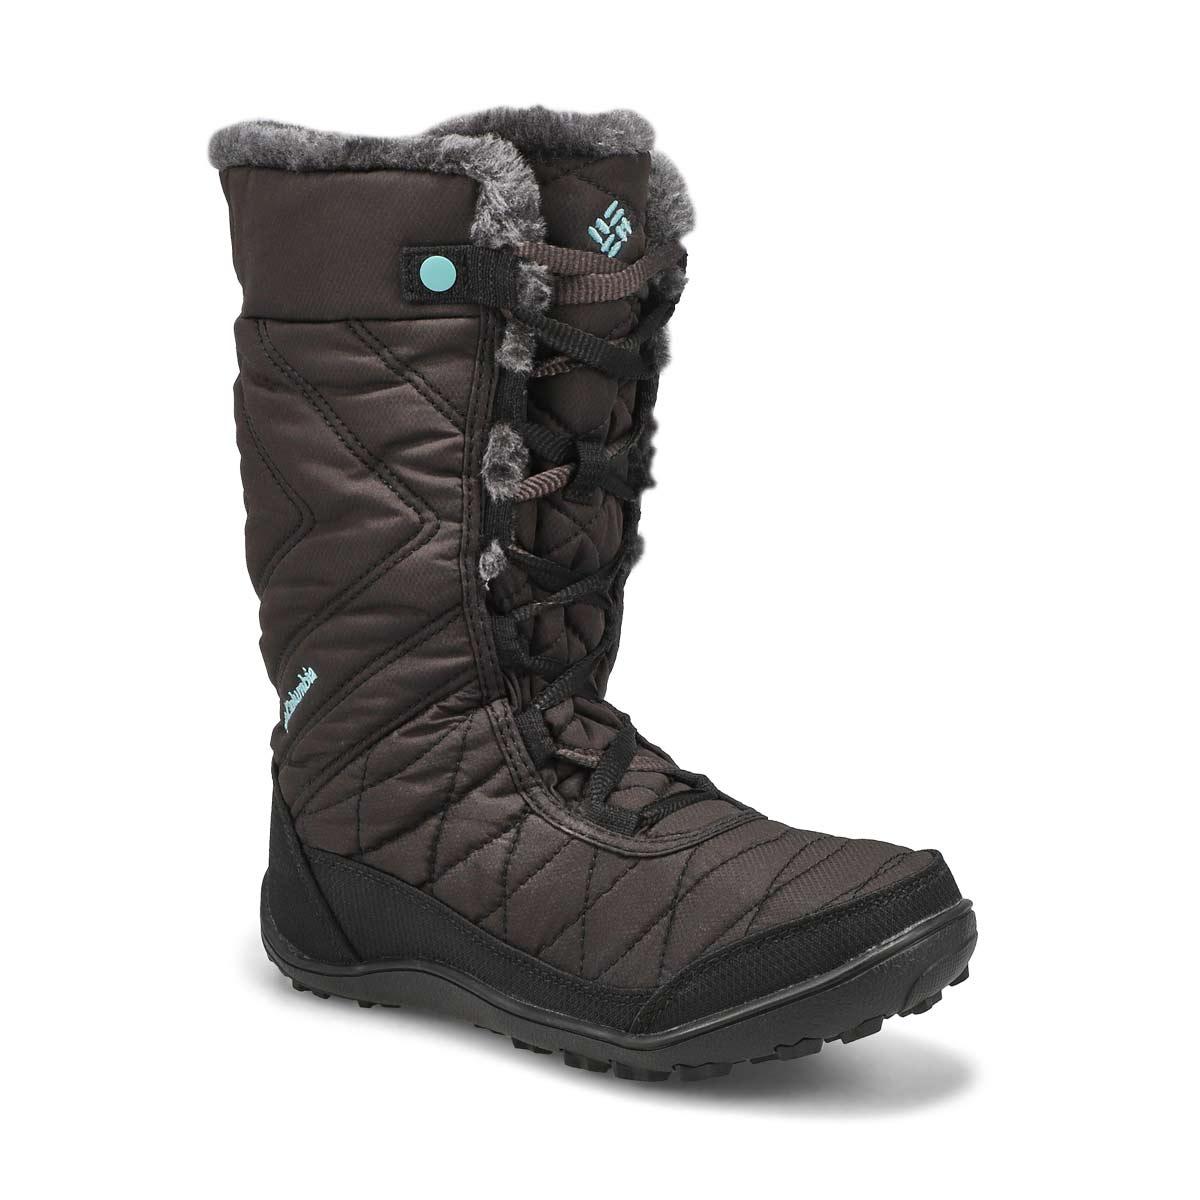 Girls' Minx Mid III Waterpoof Winter Boot - Black